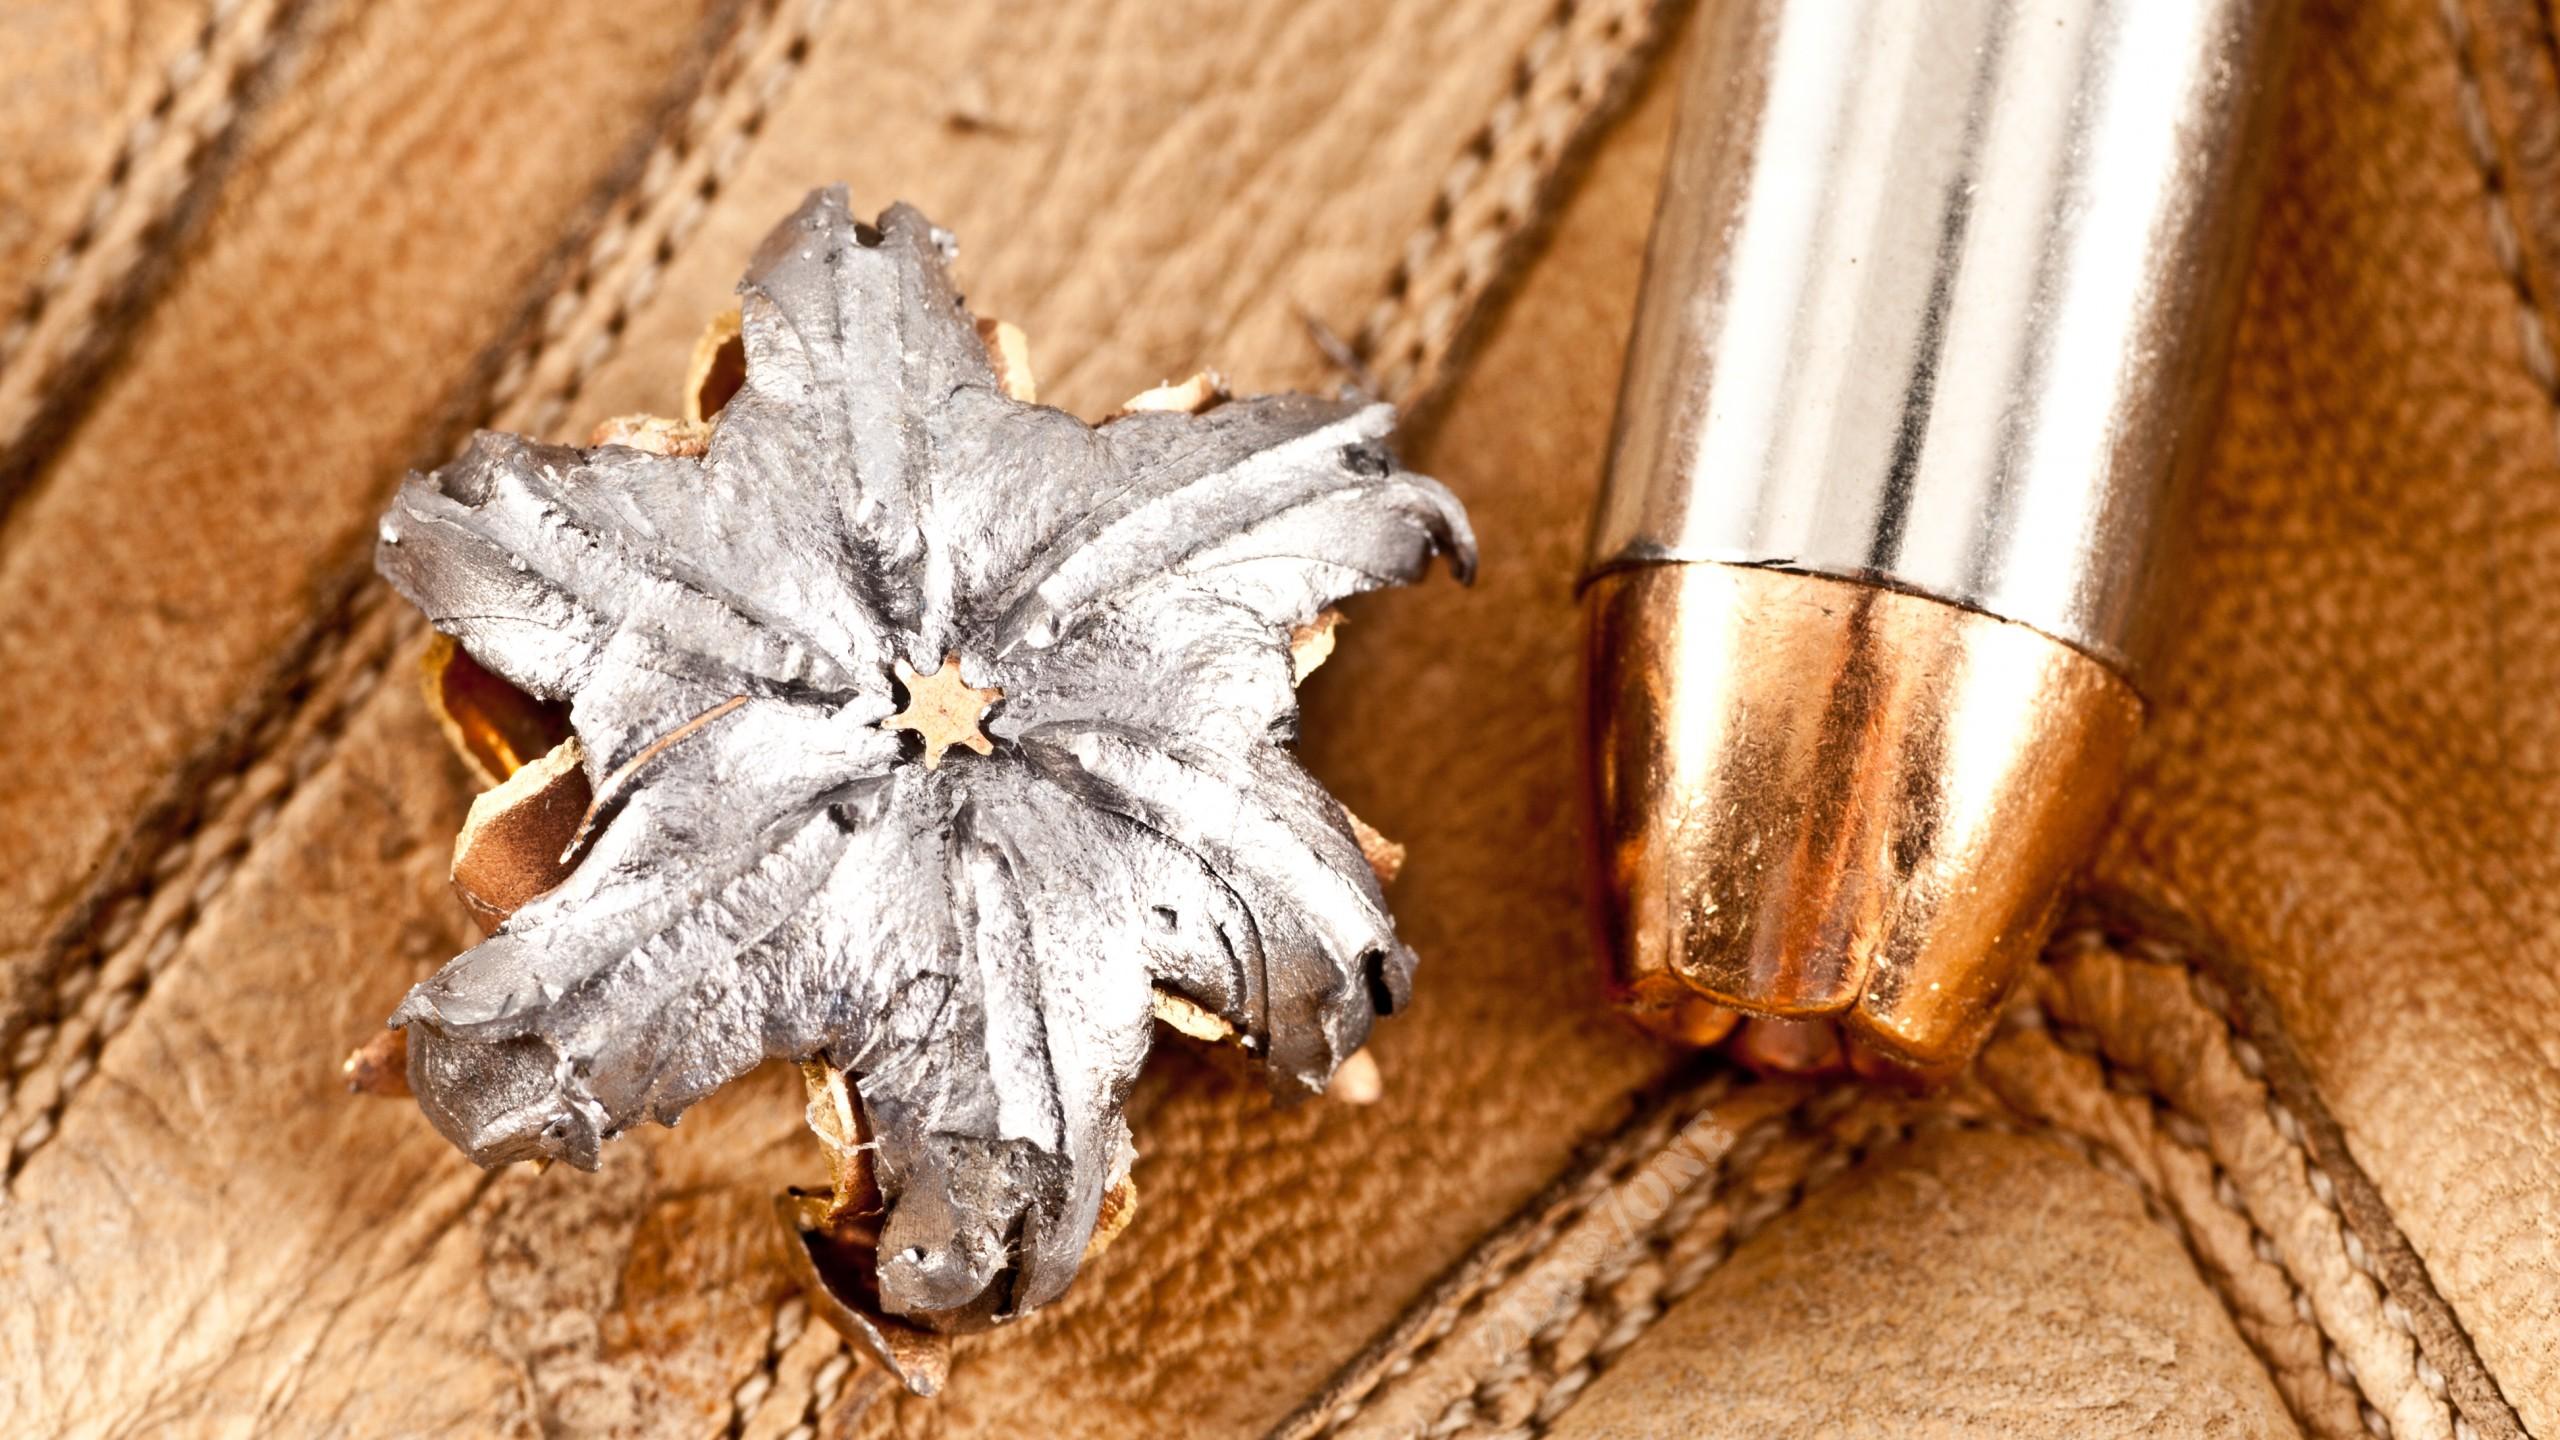 Wallpaper Bullet Close Up Mushroom Bullet Open Point